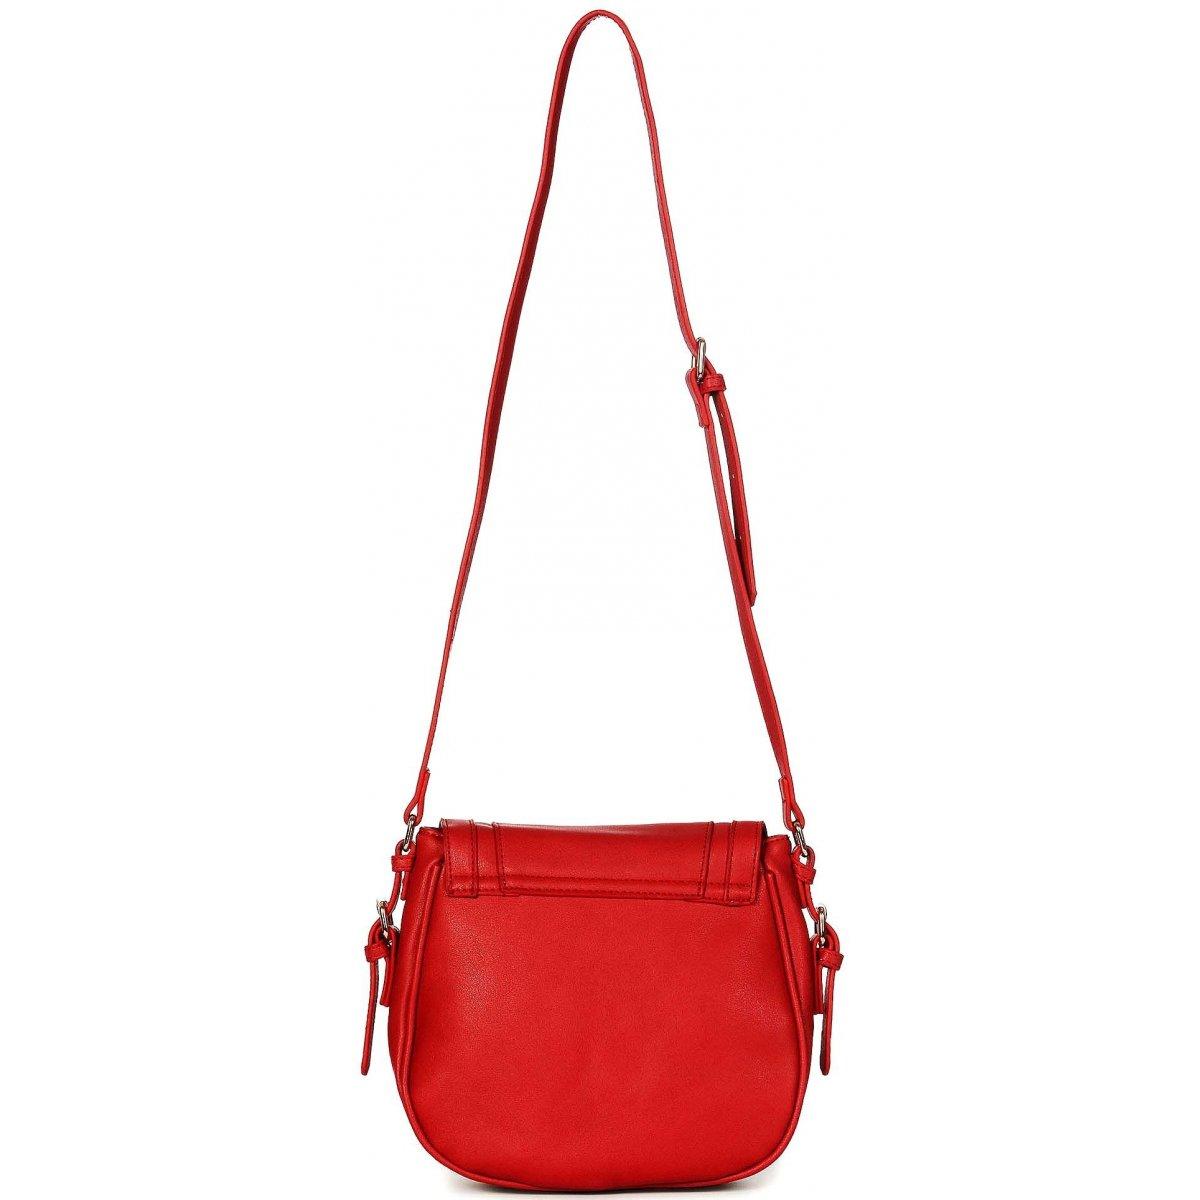 sac main bandouli re les sacs de krlot fkg0013 couleur principale rouge promotion. Black Bedroom Furniture Sets. Home Design Ideas